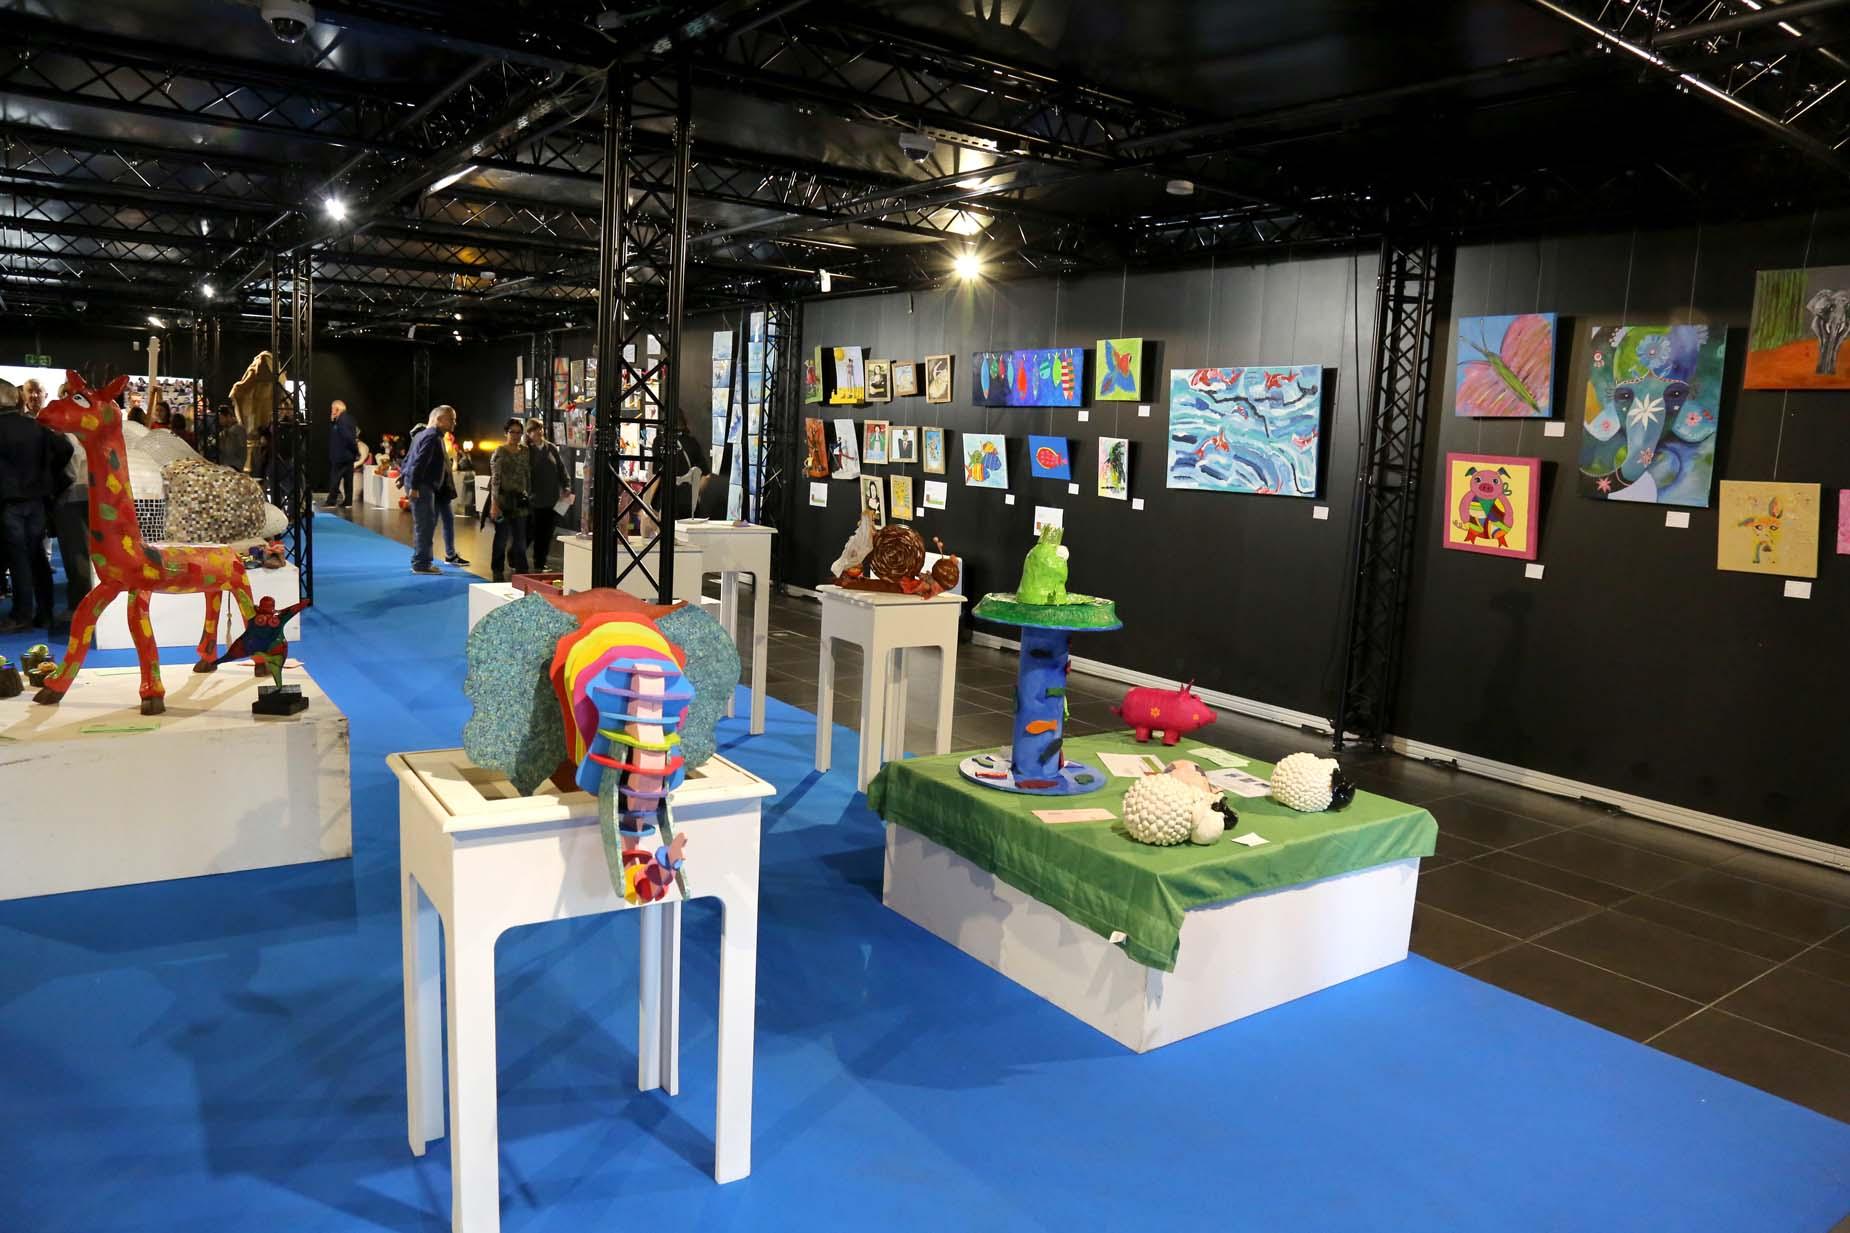 L'exposition « Pan'Art, un coup de pied aux idées reçues » fête ses 10 ans à la Cité Miroir